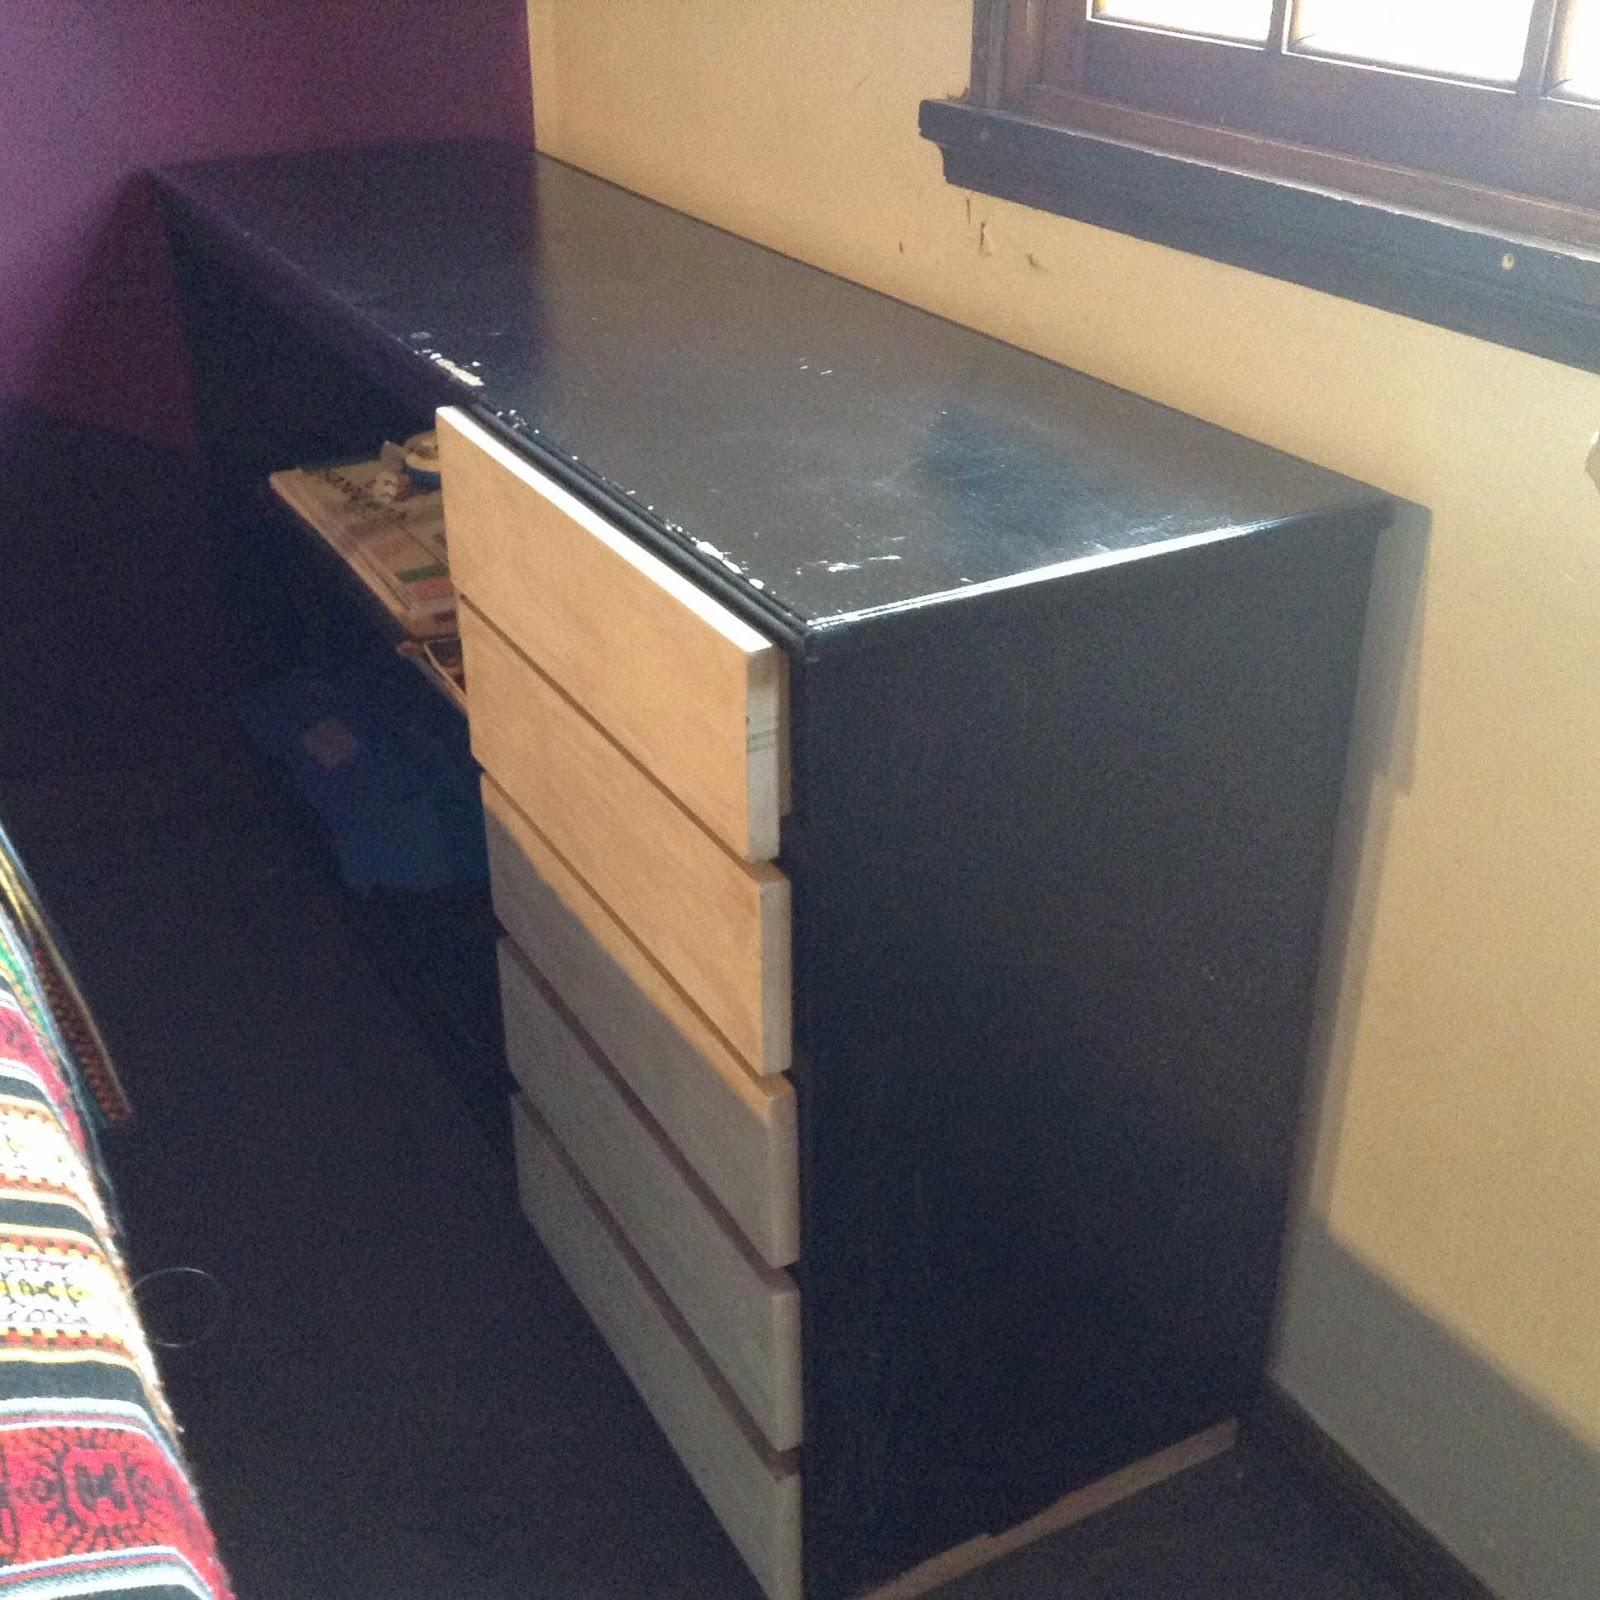 Venta muebles guido venta de muebles - Vendo mis muebles ...